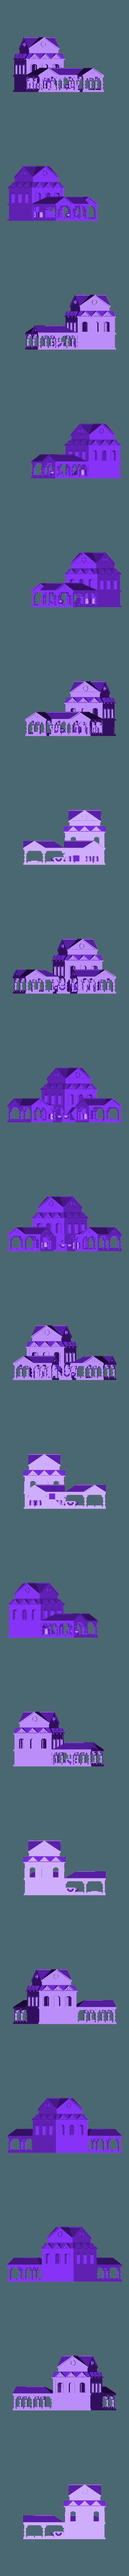 AOE2_towncentre1.obj Download free OBJ file AOE2 DE Town Centre 1 • 3D print template, Tipam